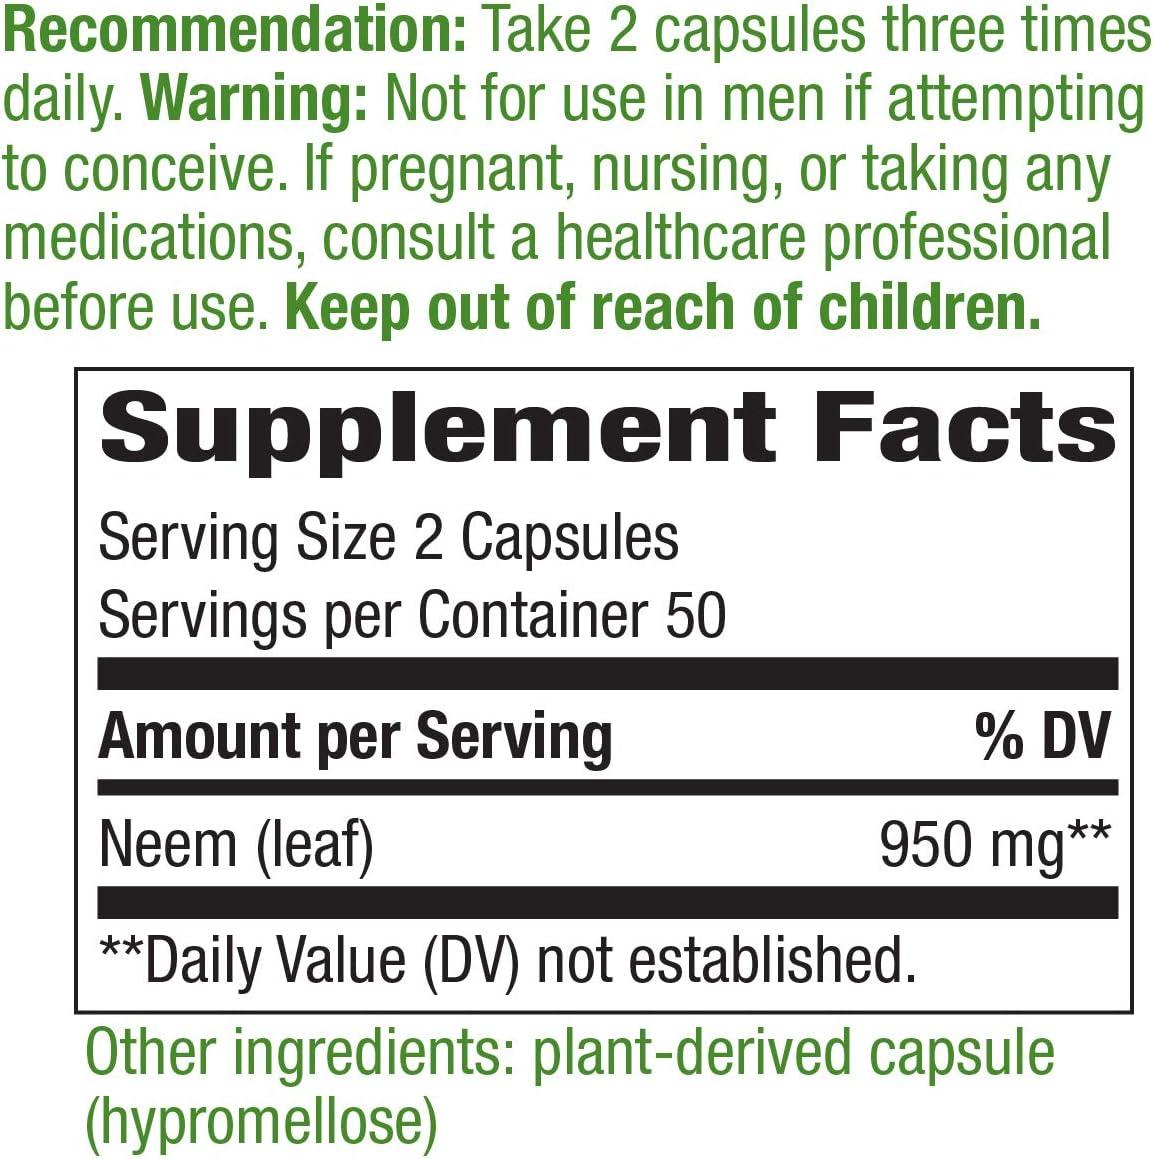 Nature's Way Premium Herbal Neem Leaf, 950 mg per serving, 100 Capsules: Health & Personal Care